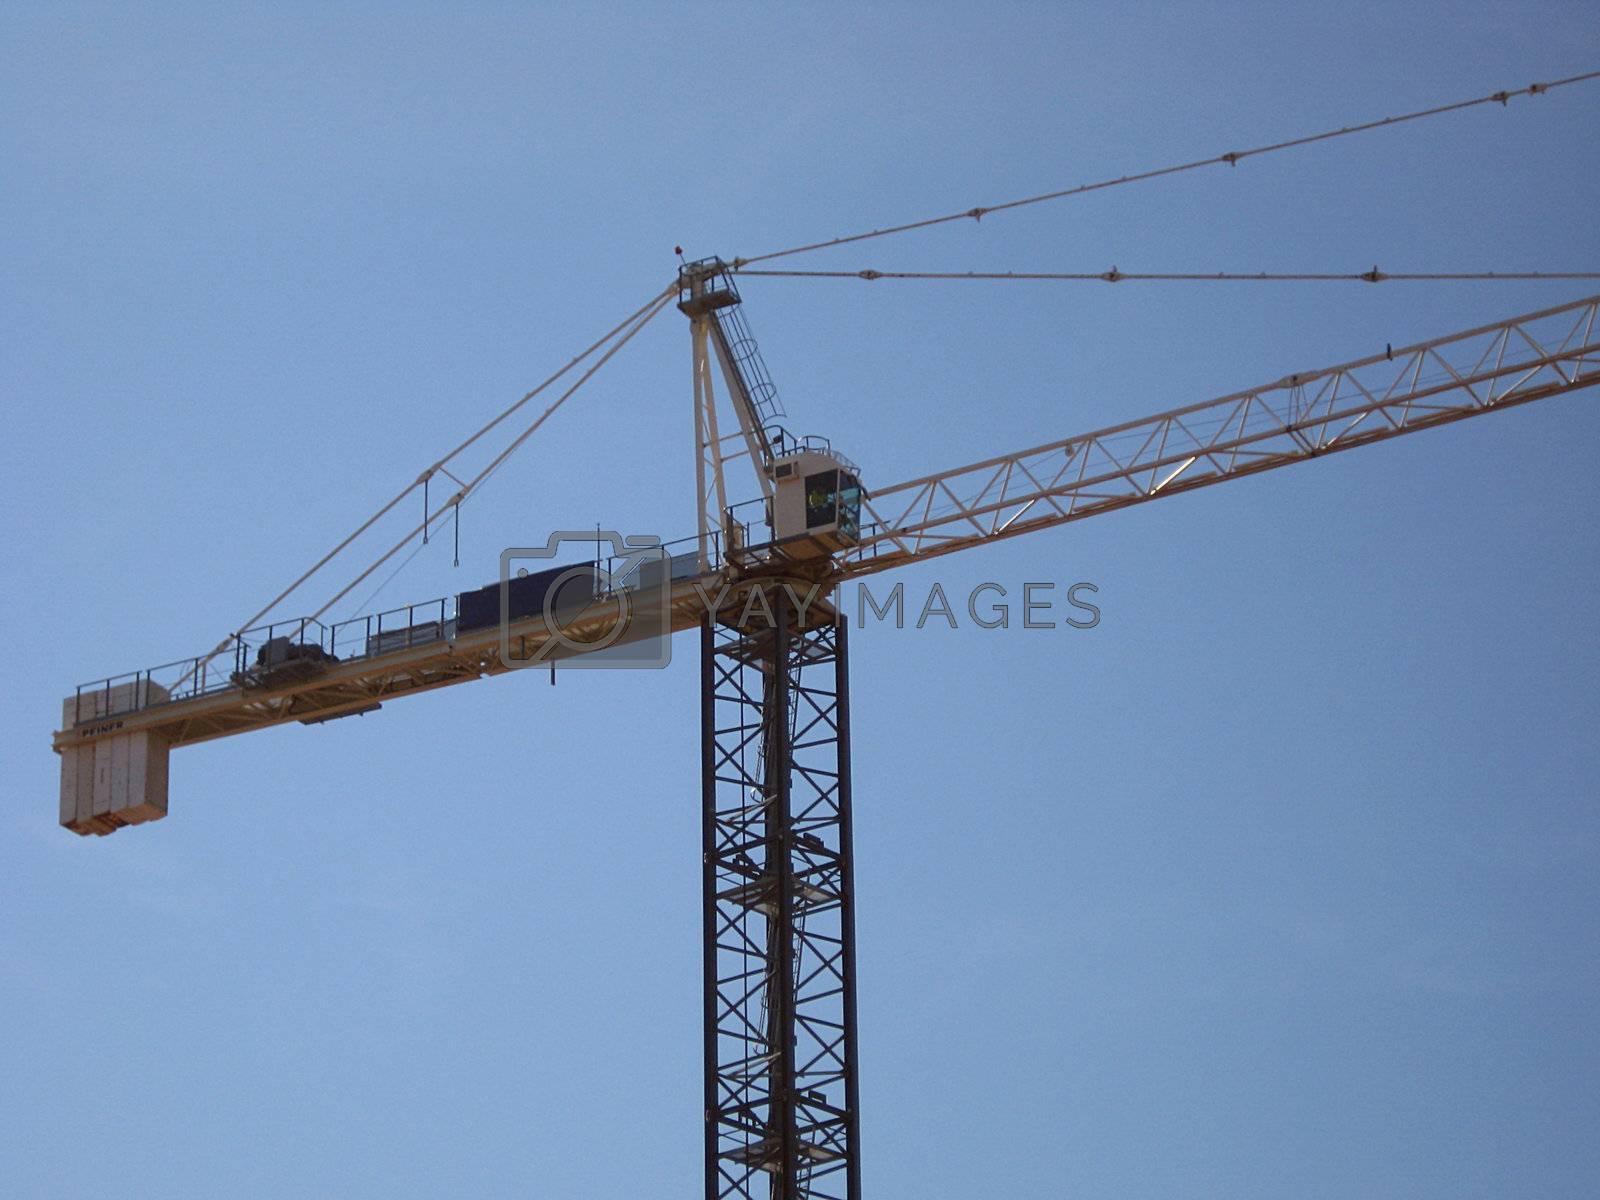 Crane by jclardy